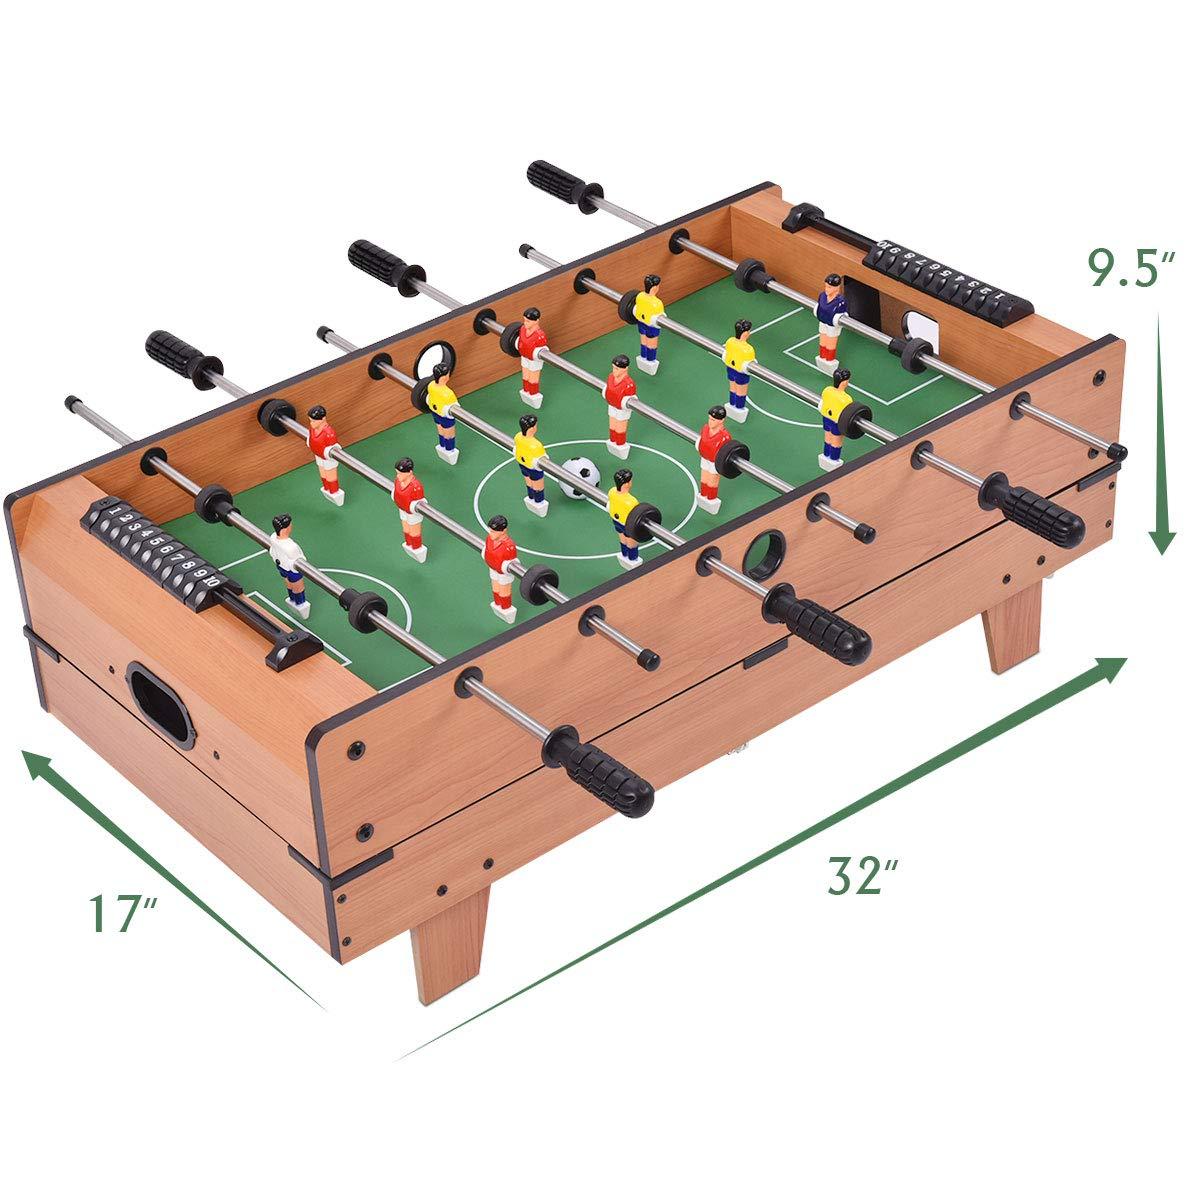 Giantex 4 in 1 Multi Game Tabletop